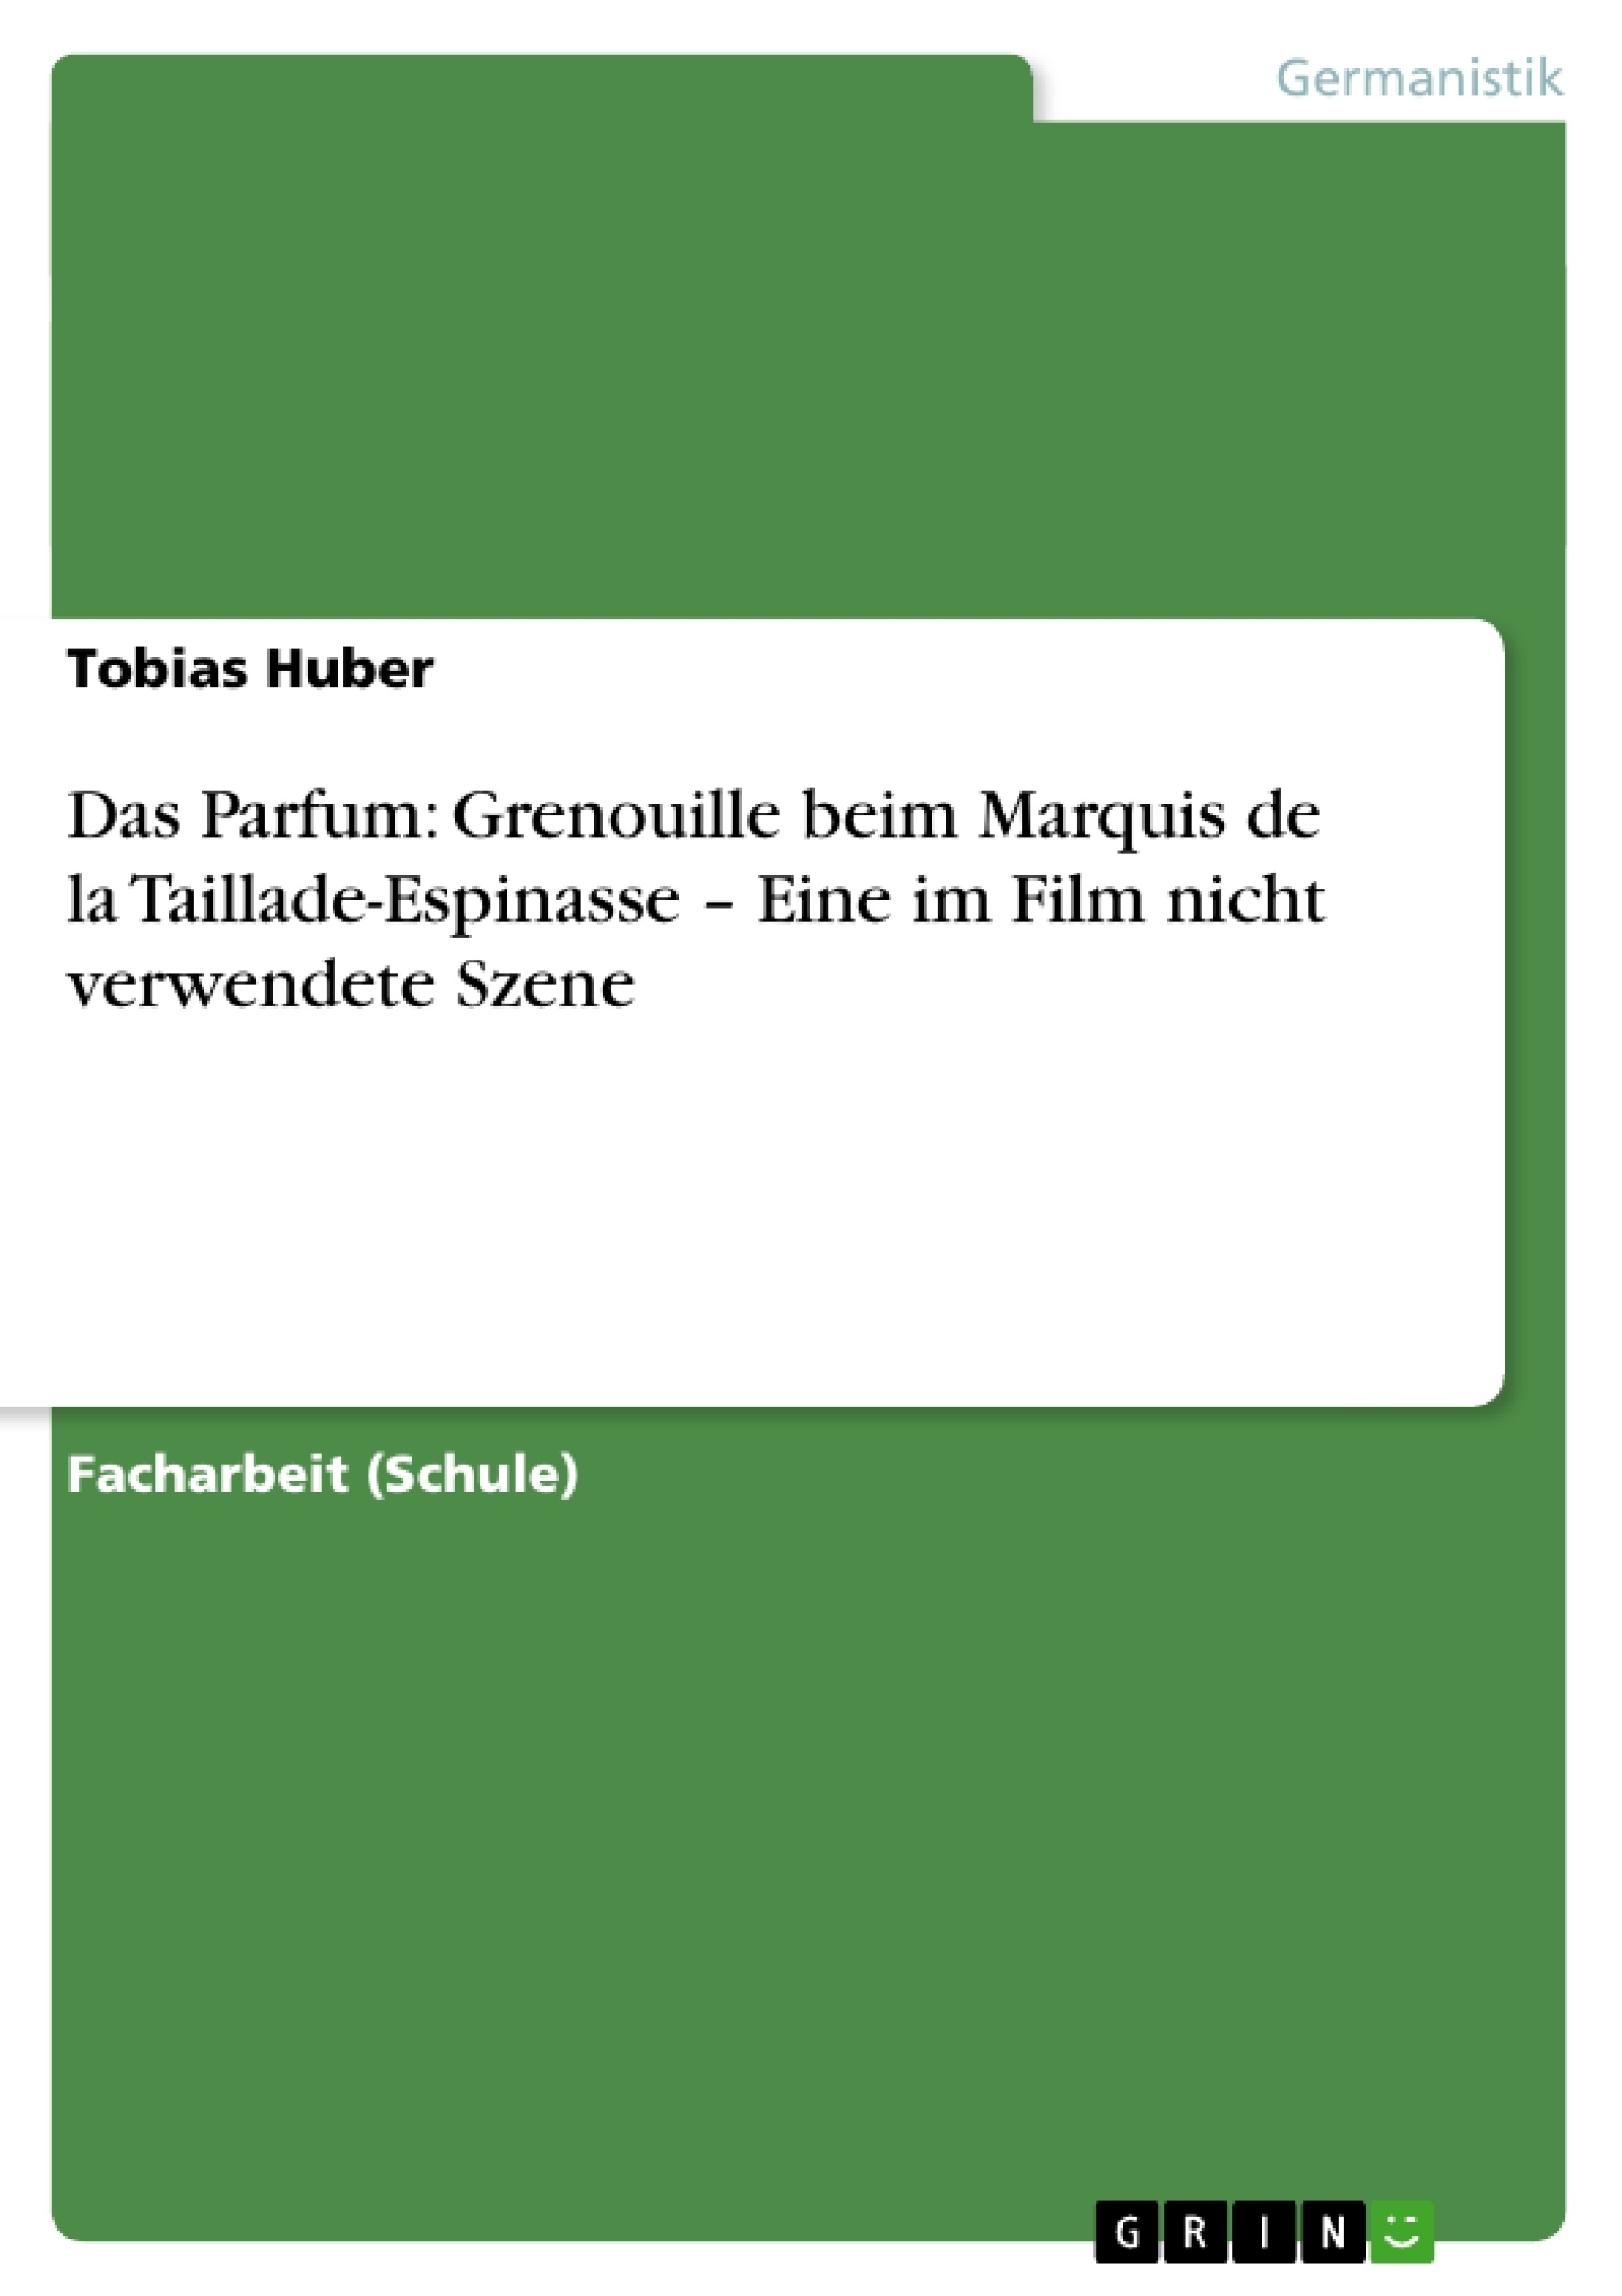 Titel: Das Parfum: Grenouille beim Marquis de la Taillade-Espinasse – Eine im Film nicht verwendete Szene